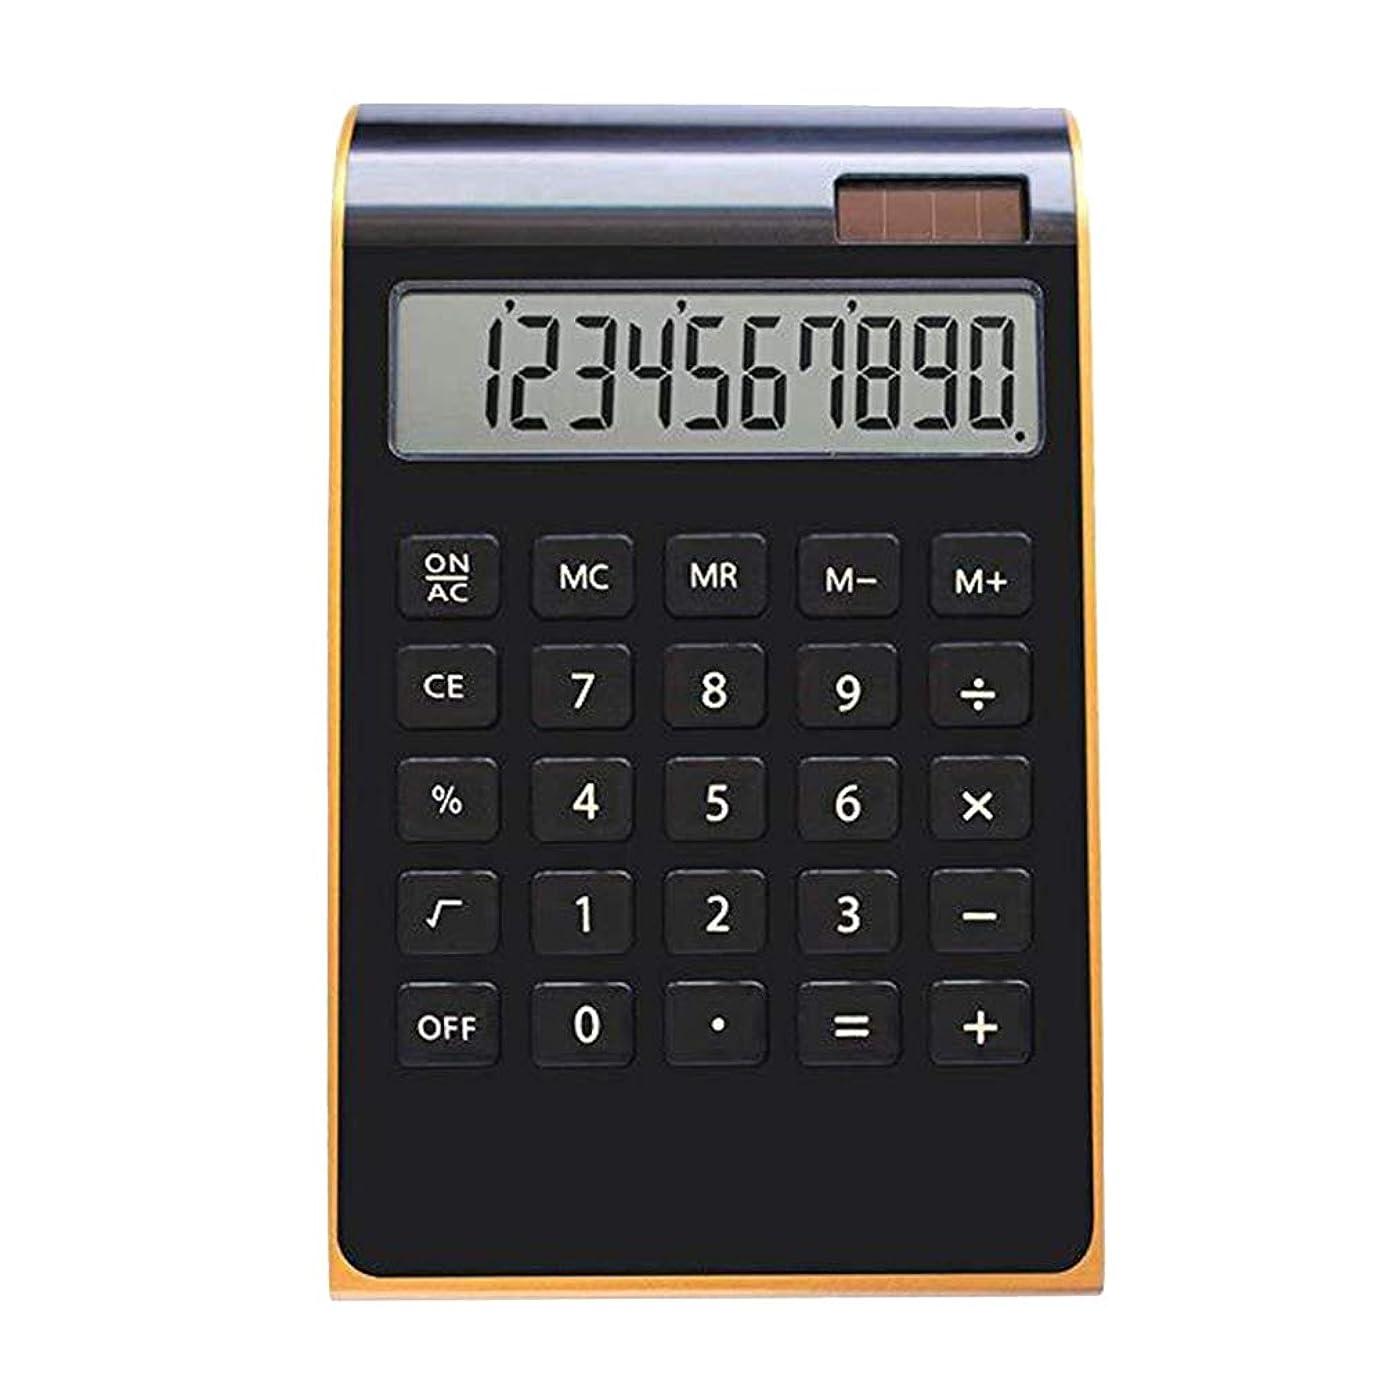 大いにけがをする思いつくSTOBOK 電卓 電子卓上電卓 12桁 大型ディスプレイ ソーラー液晶ディスプレイ 超薄型ゴールドボーダー 金融オフィス用 ブラック